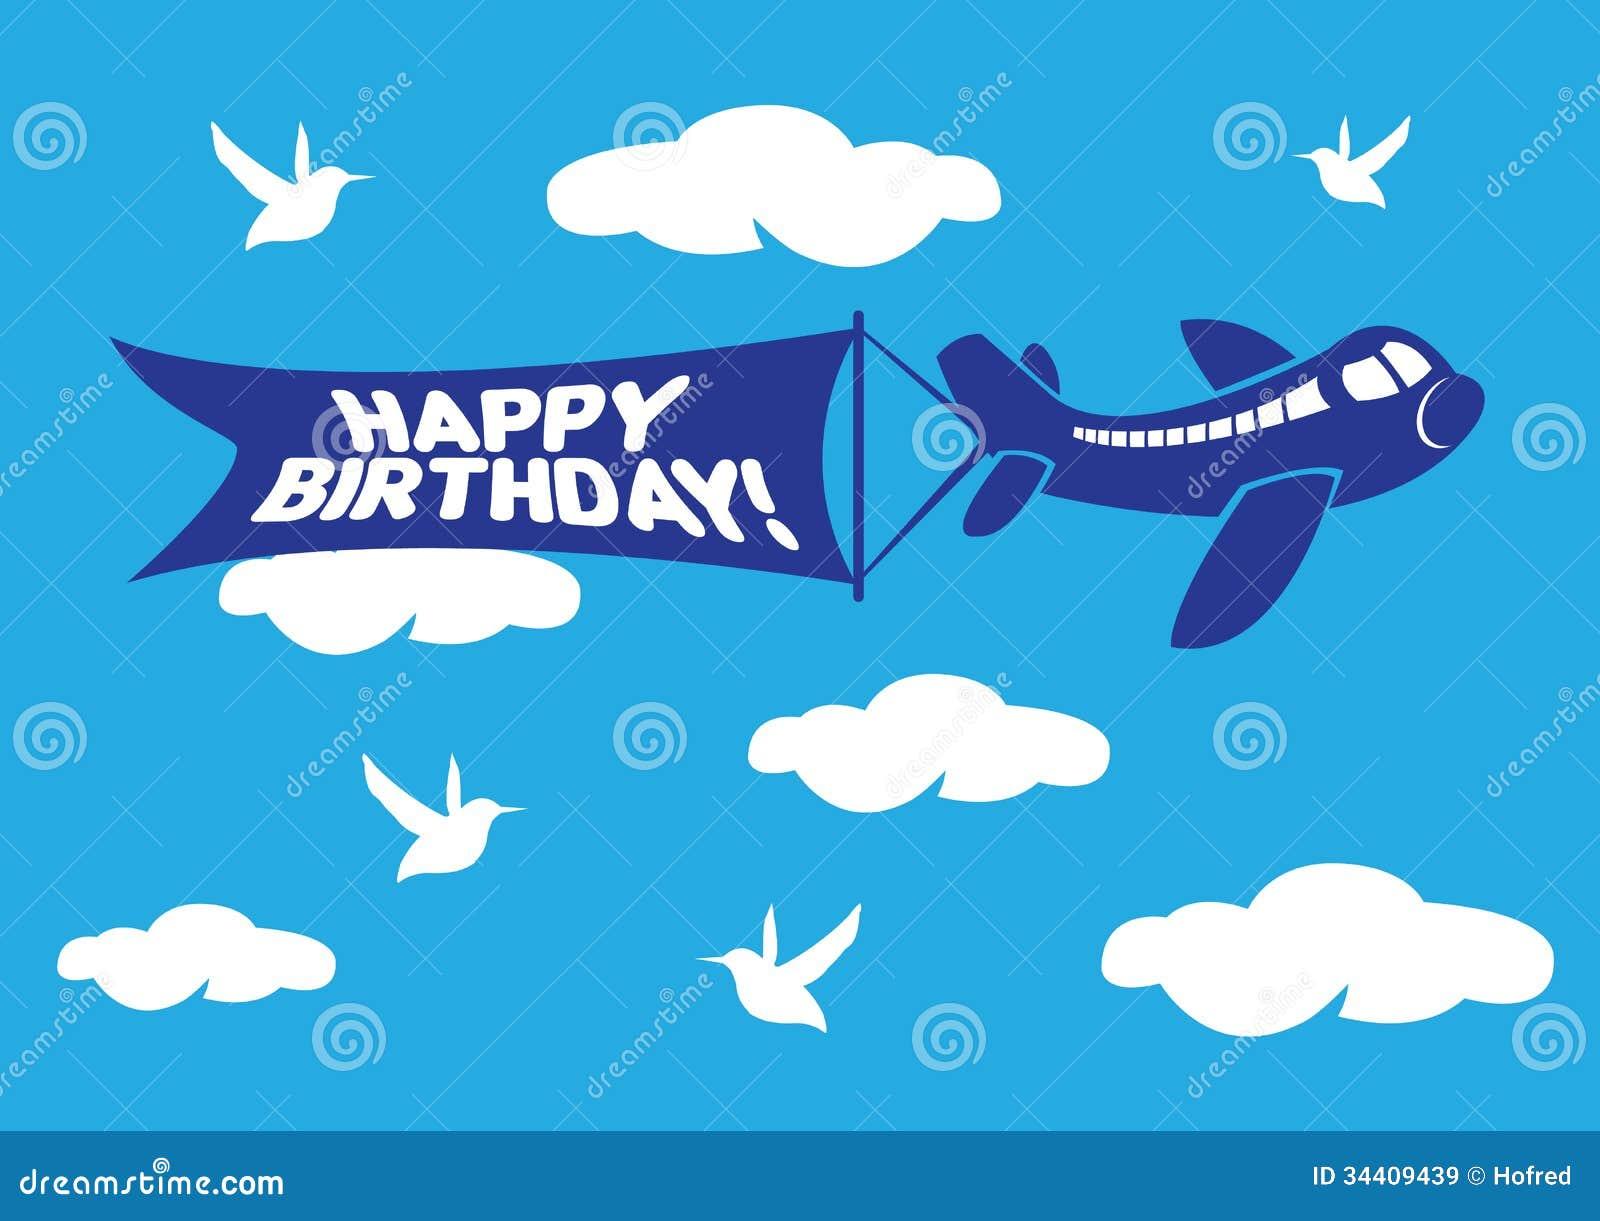 happy birthday anita cake